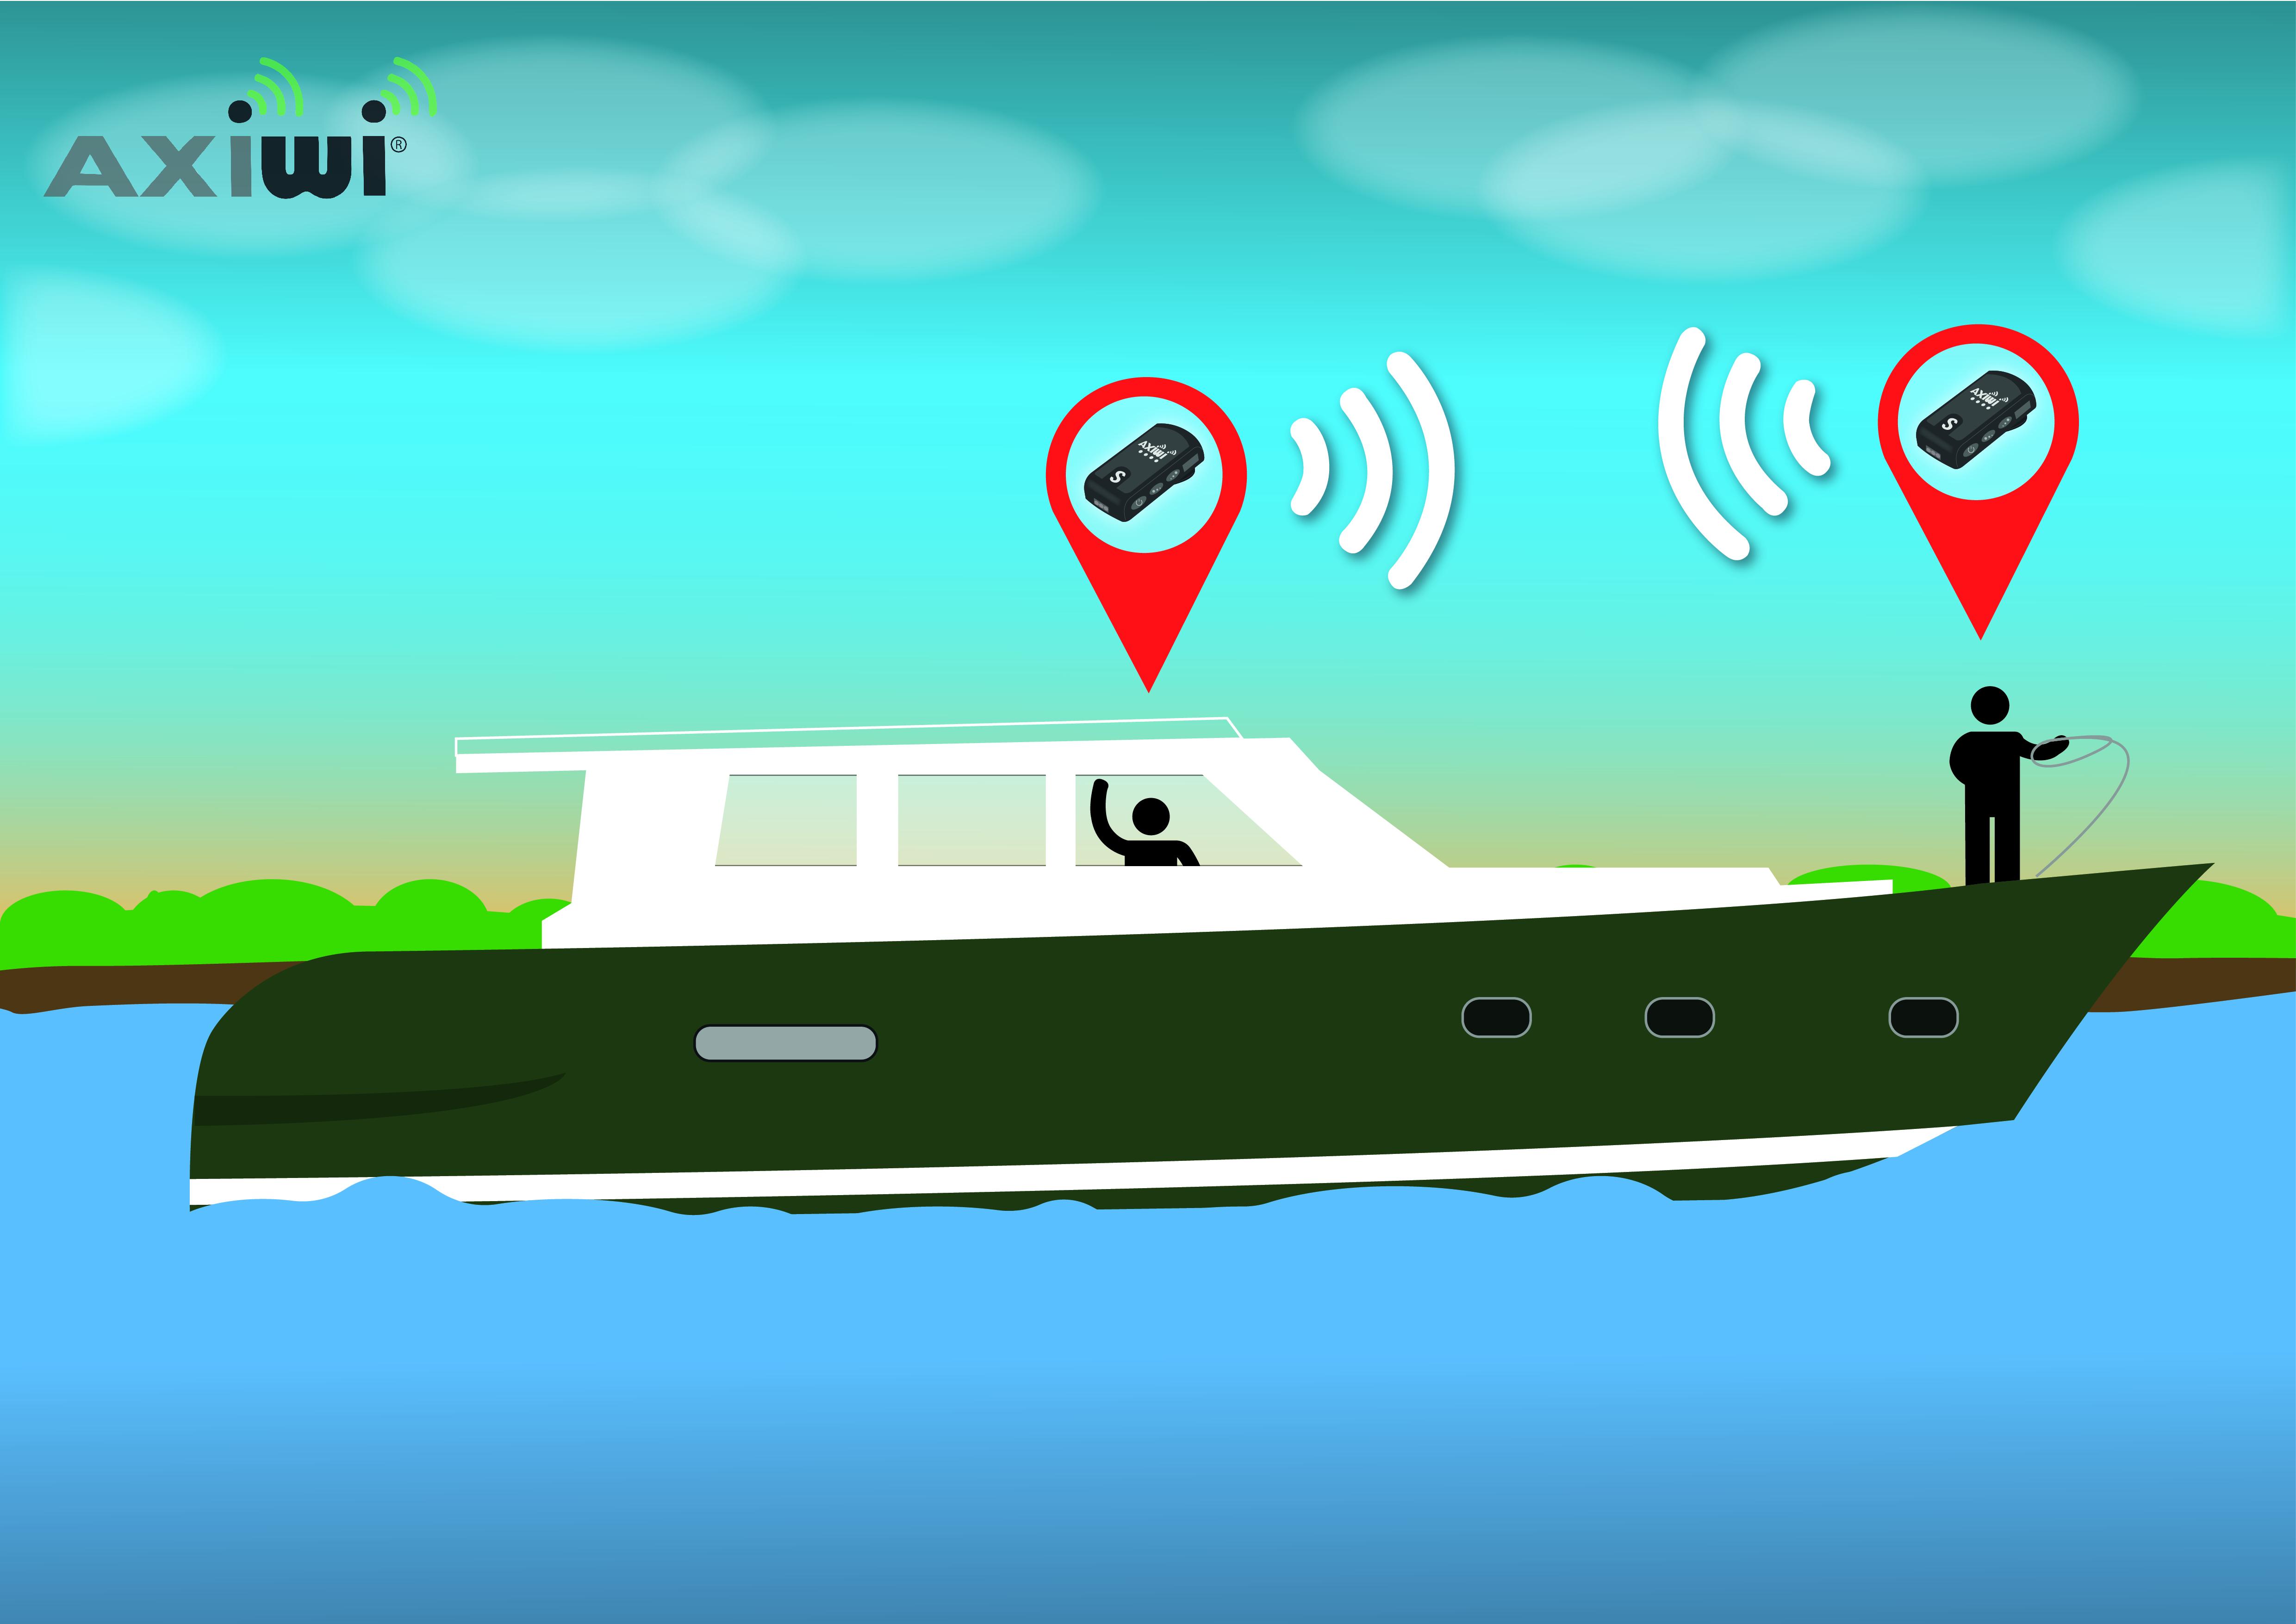 axiwi- Bezprzewodowy system komunikacyjny dupleks –łódź motorowa-jacht